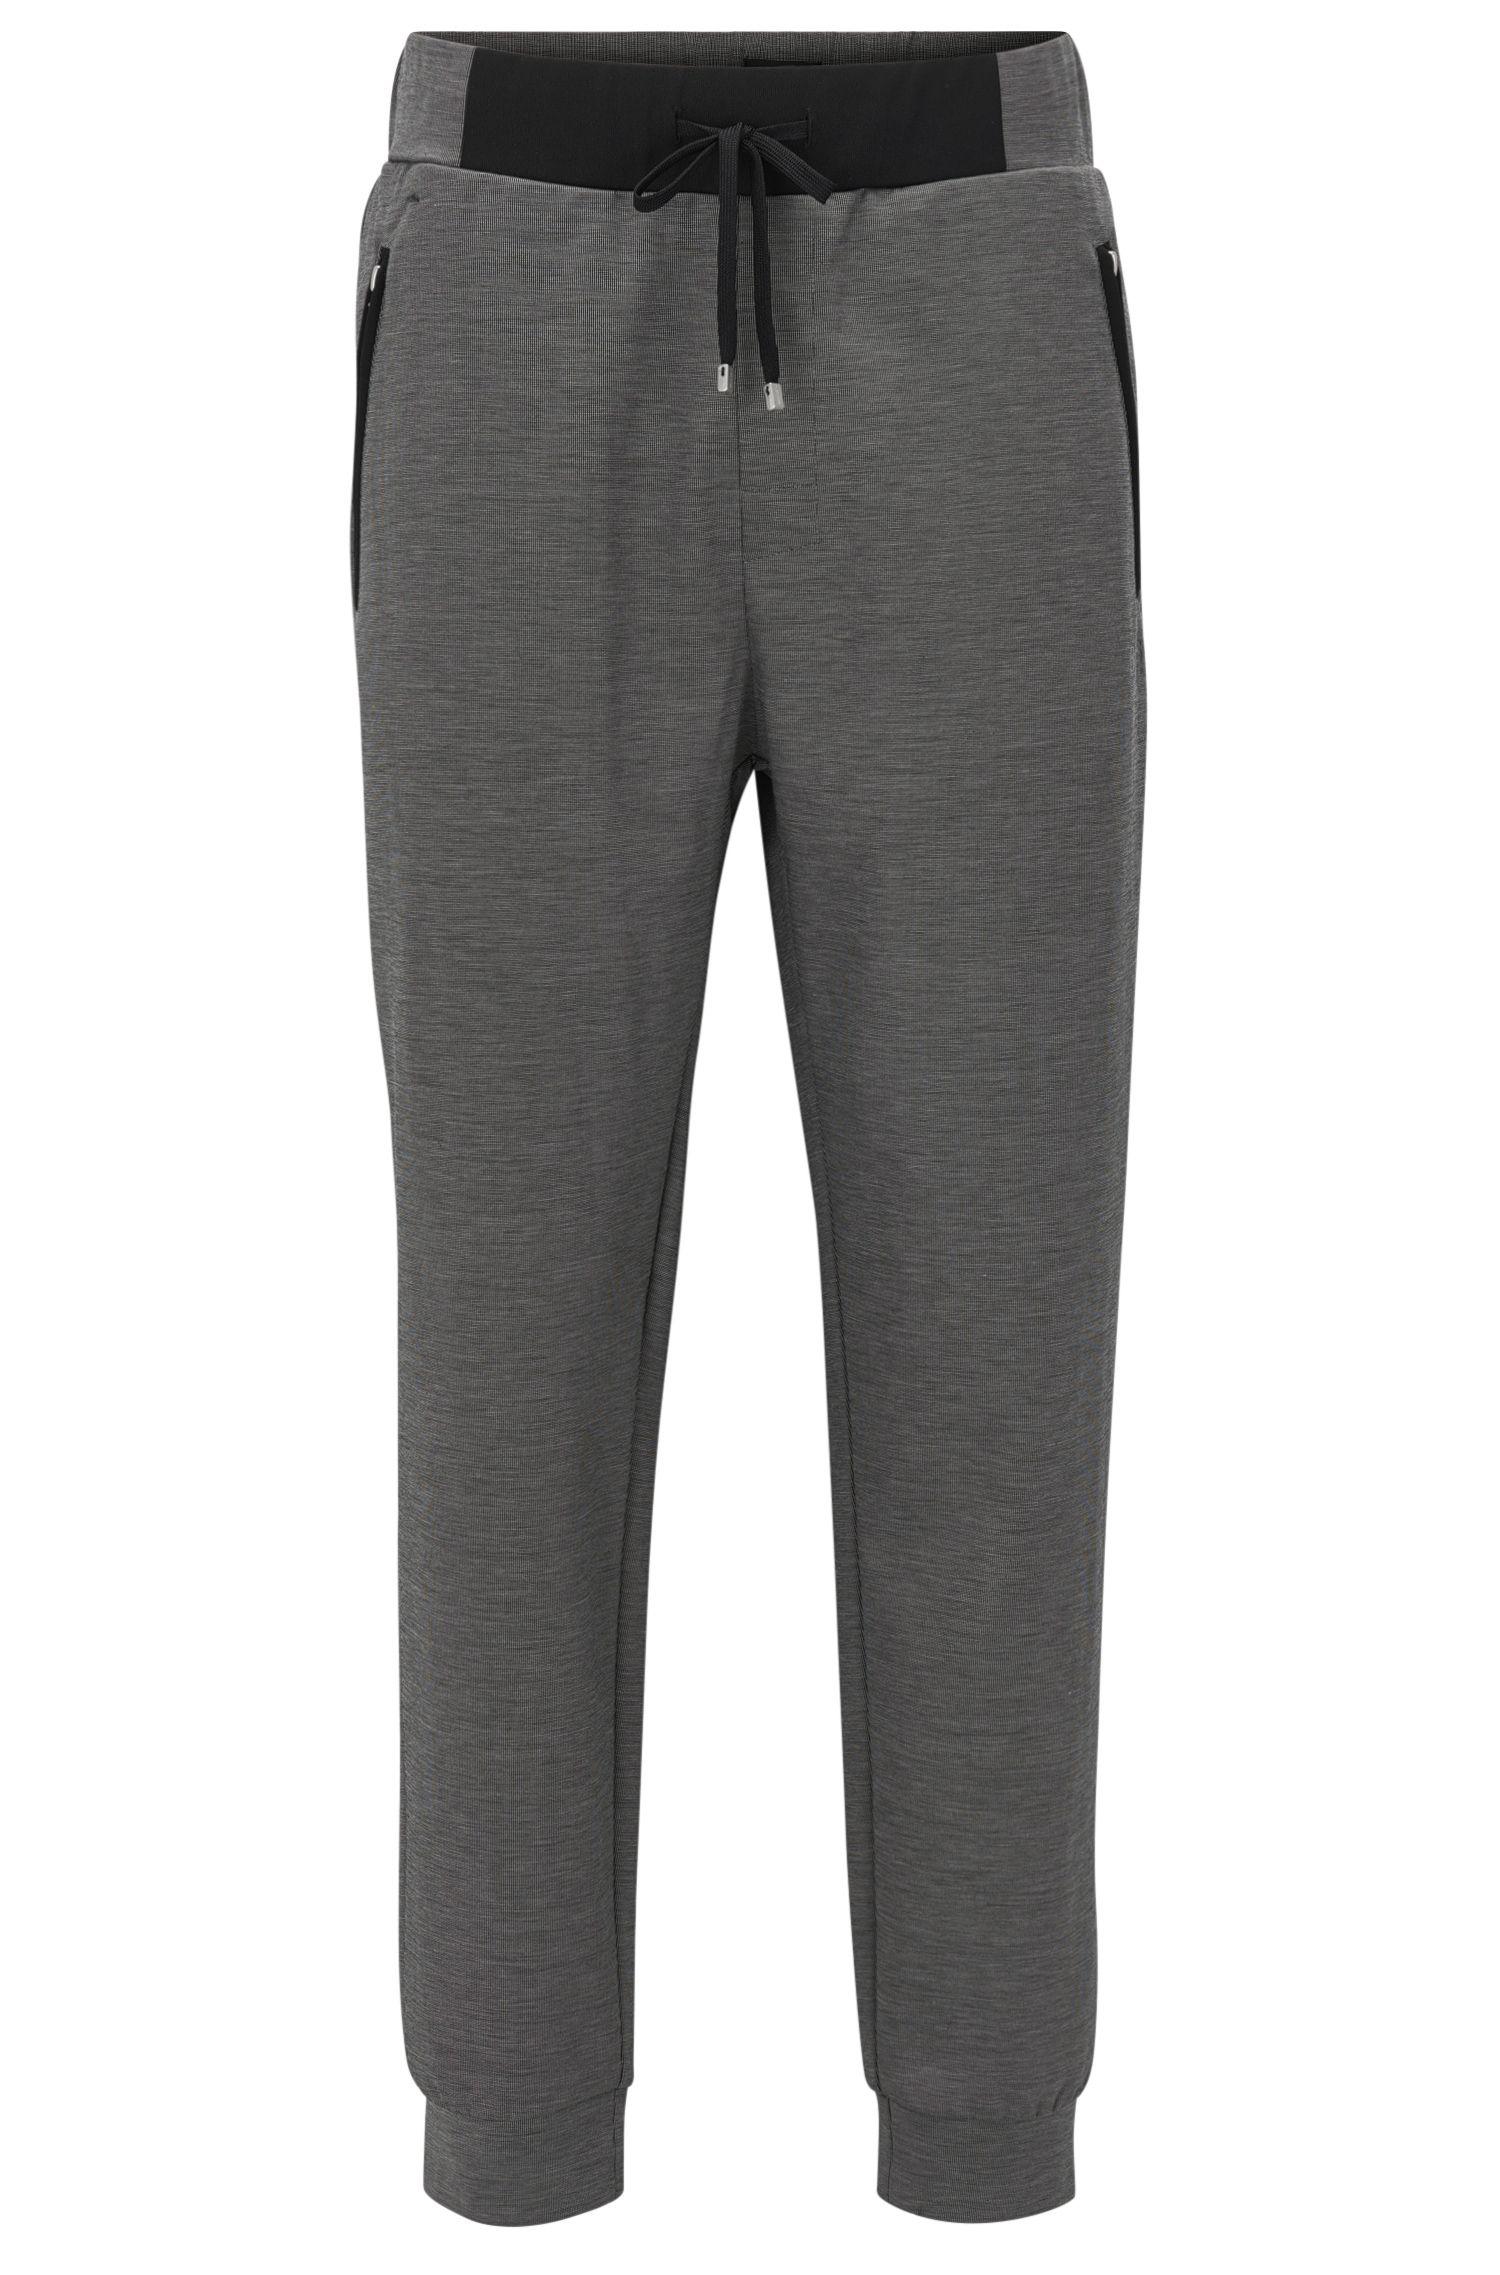 Pantalón loungewear con puños en piqué mercerizado